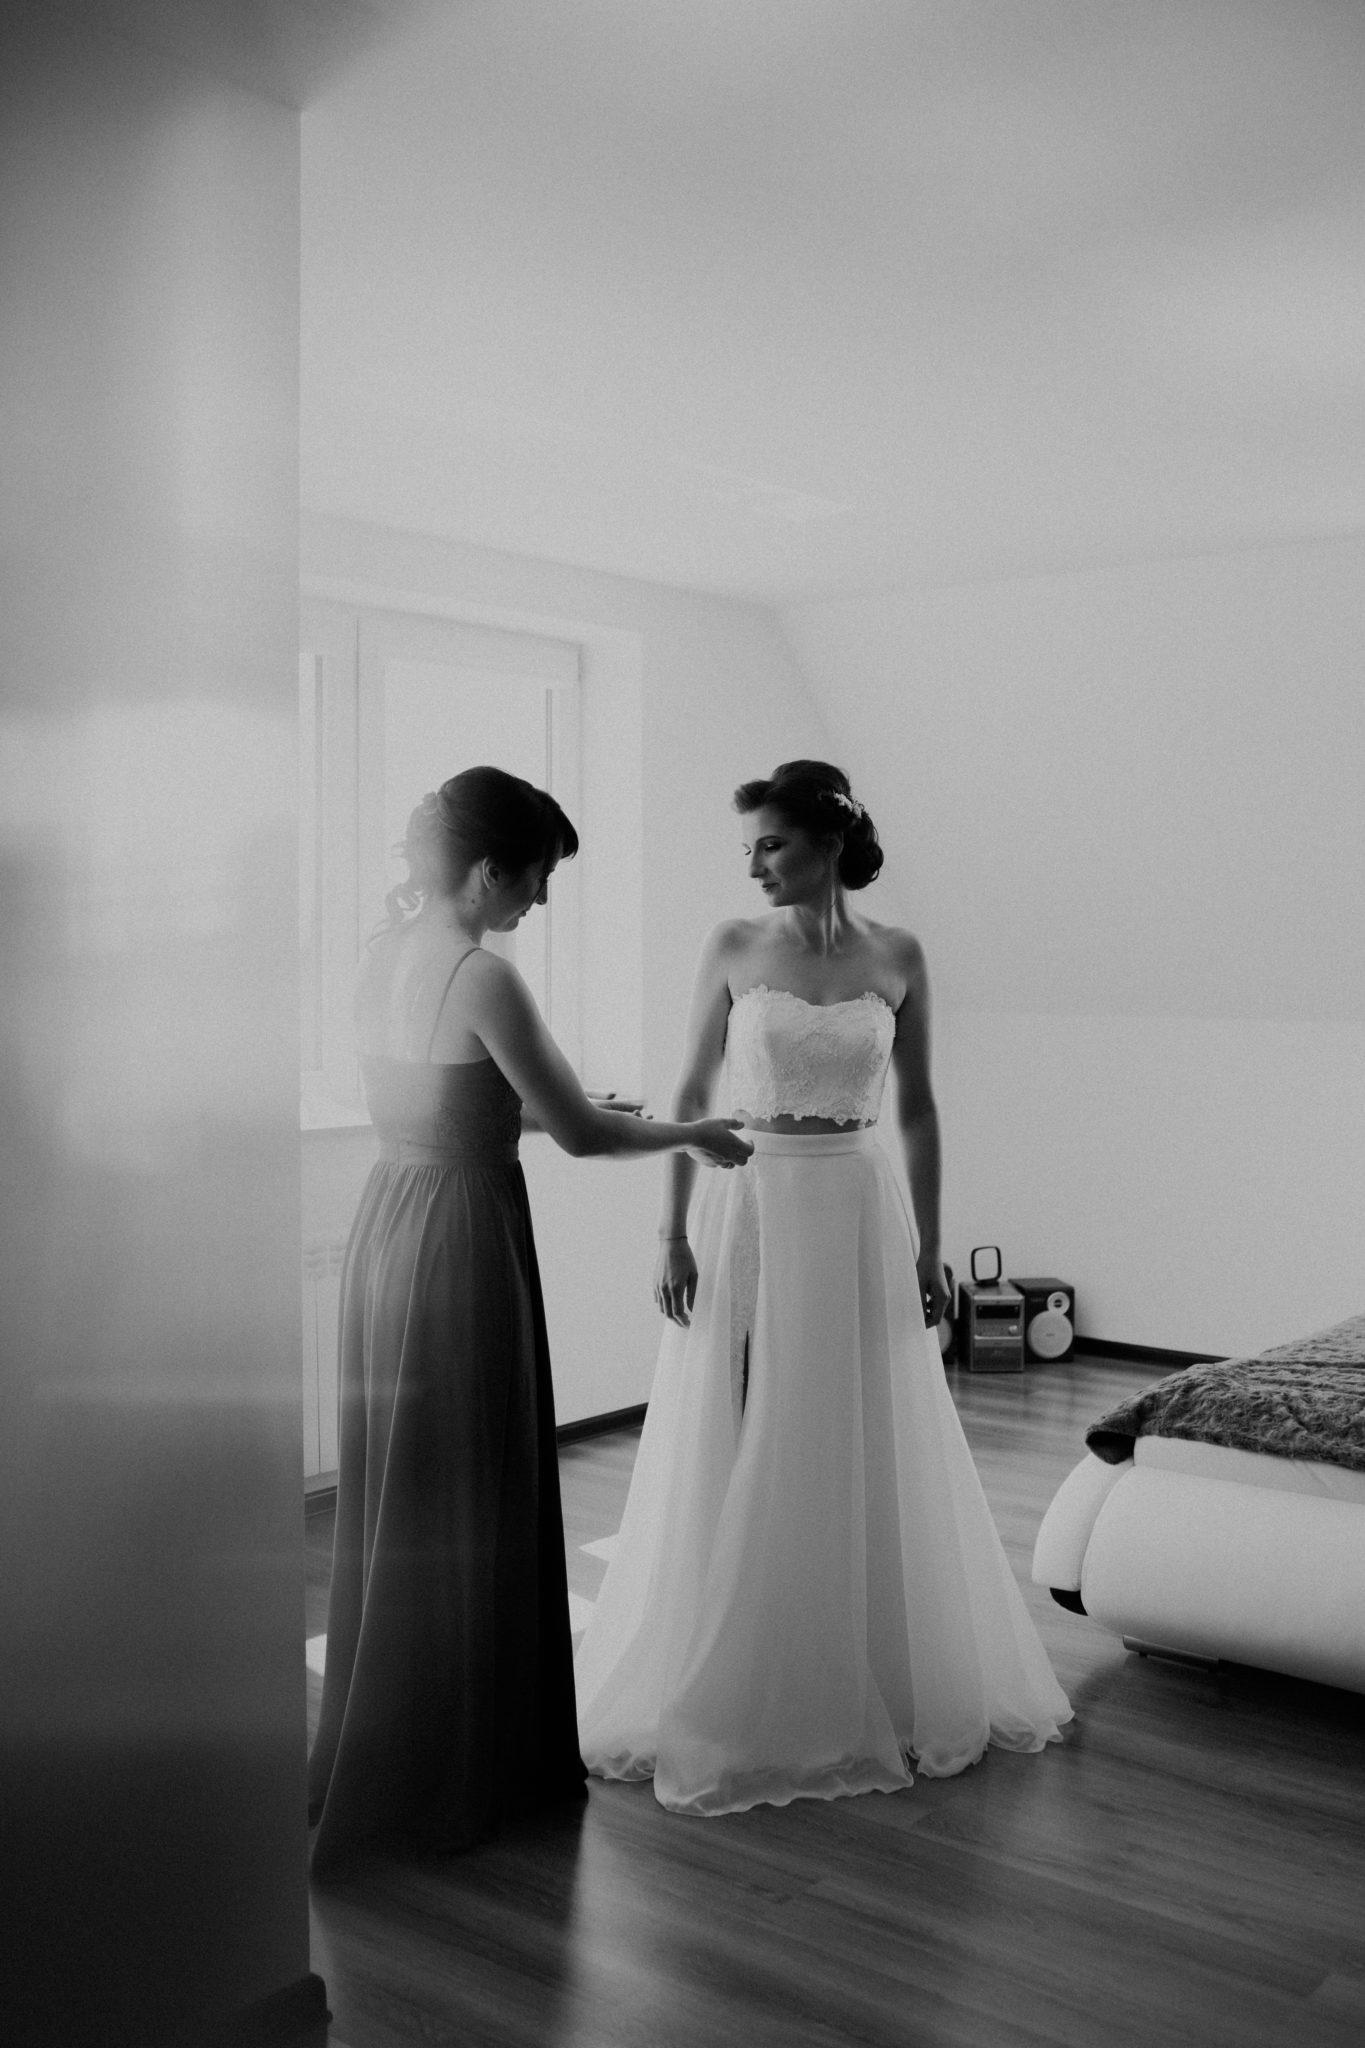 gosia i kuba26 1 - fotografiagk Fotografia ślubna RK wedding